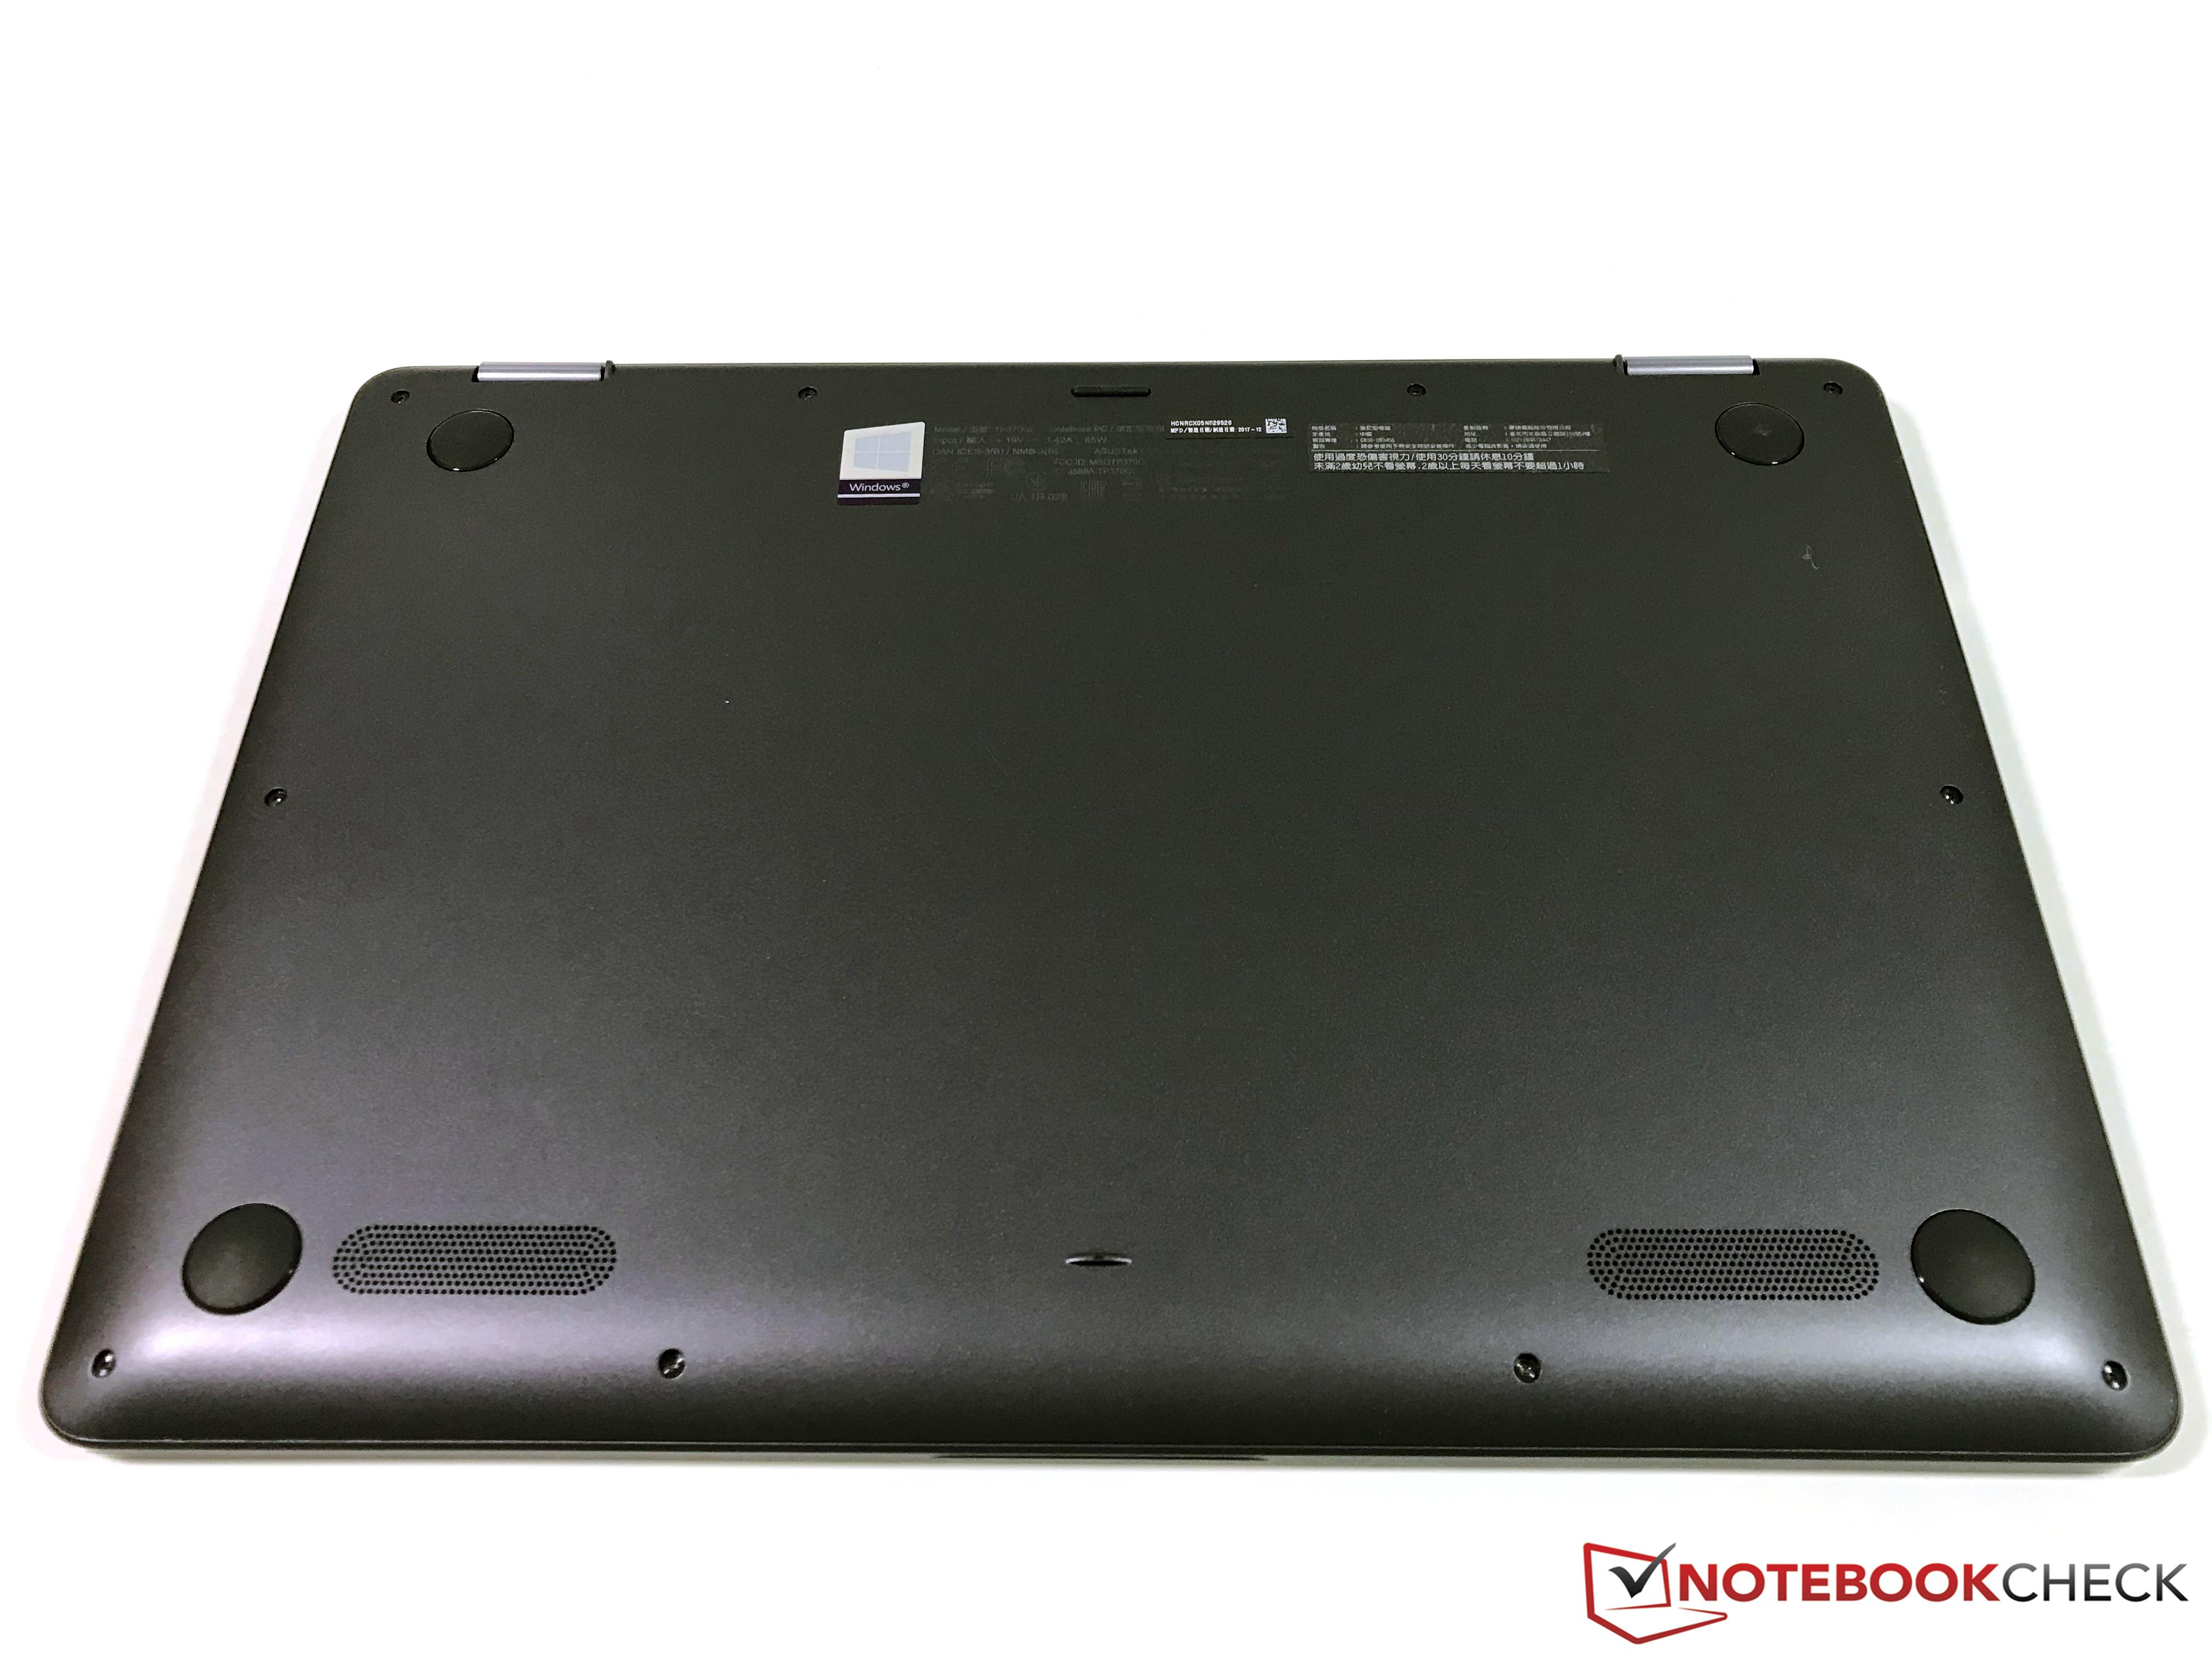 Asus NovaGo TP370QL (Snapdragon 835) Convertible Preview